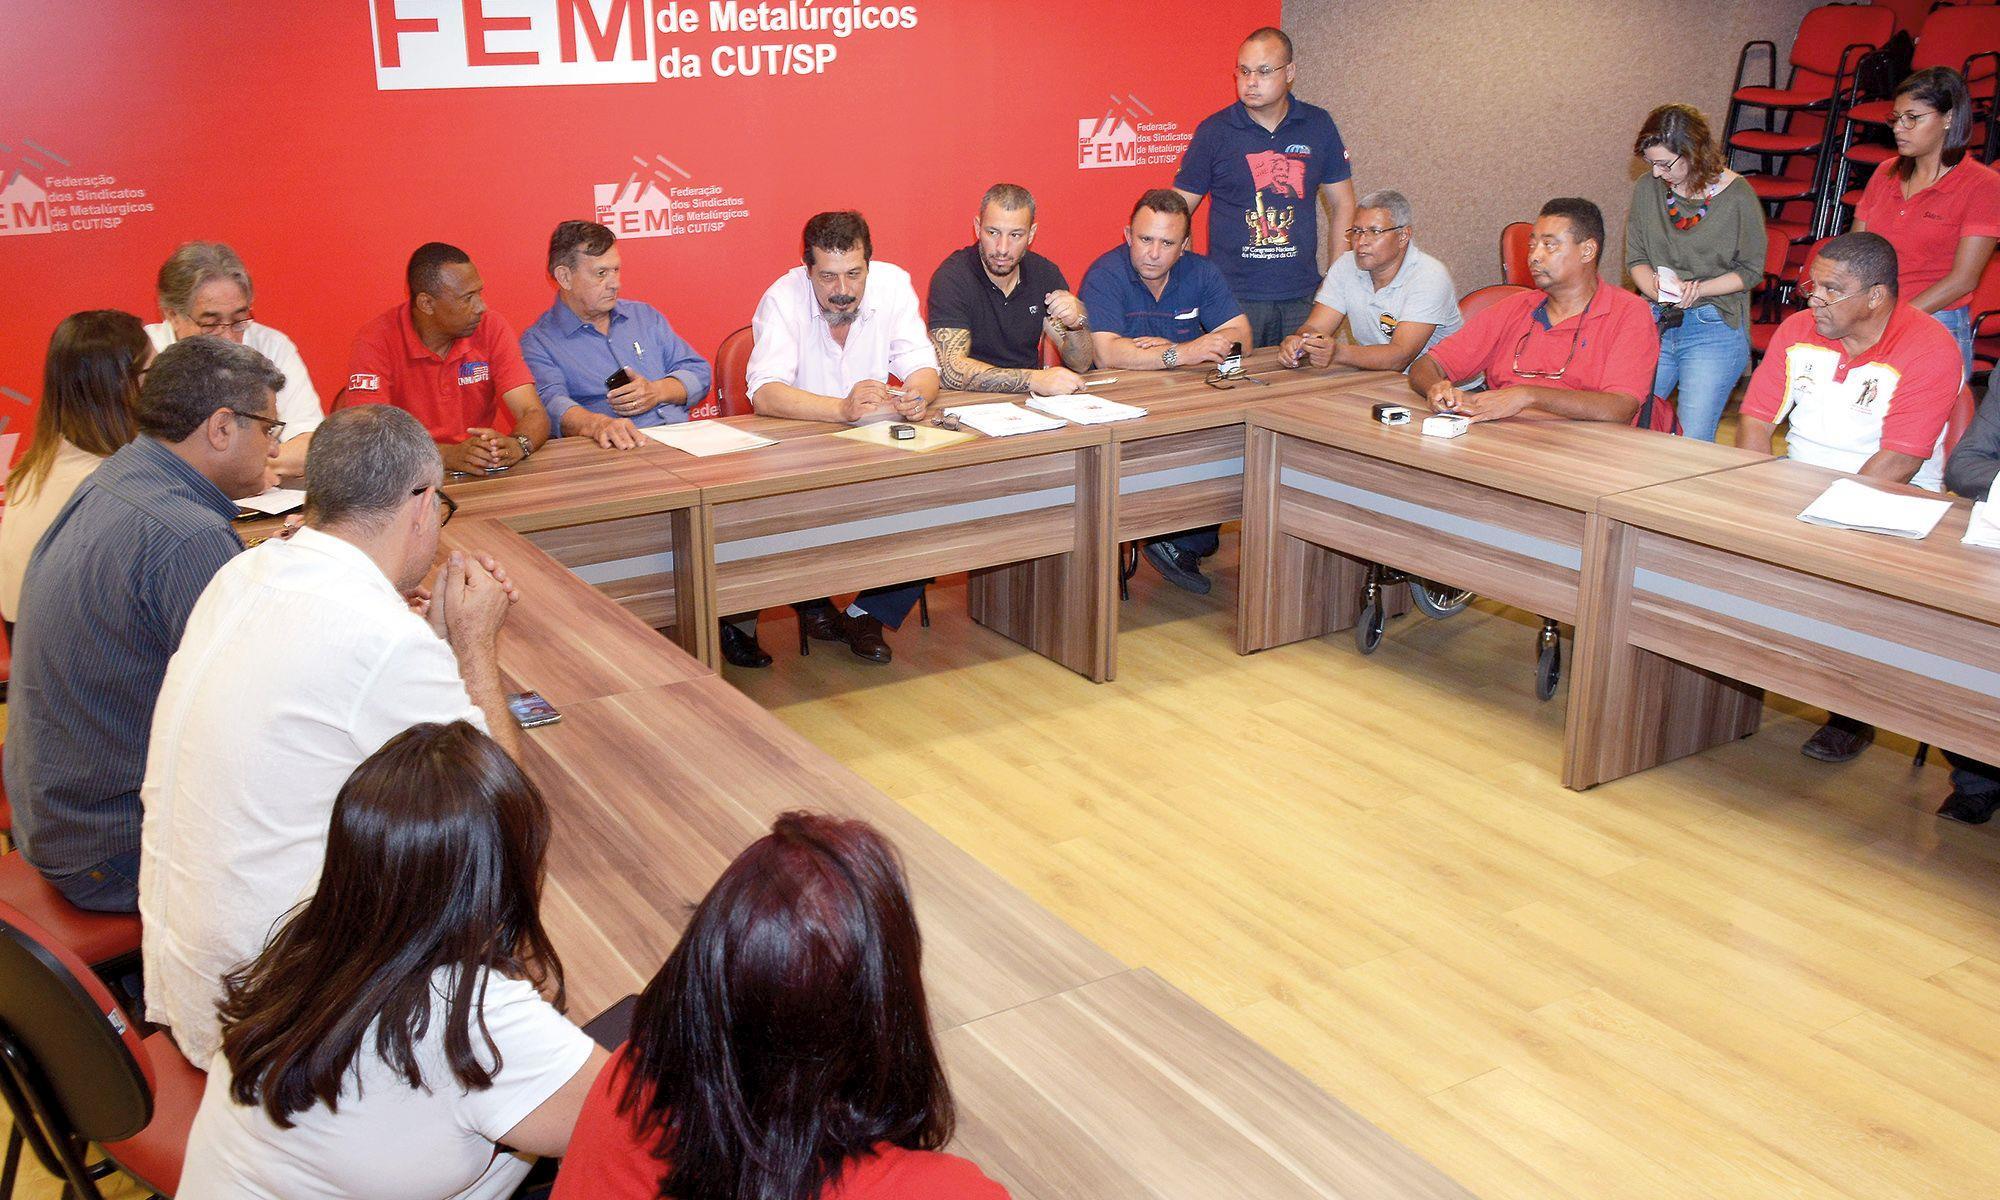 fem, assinatura, convenção, coletiva, campanha, cct, smetal, Foguinho/Imprensa SMetal